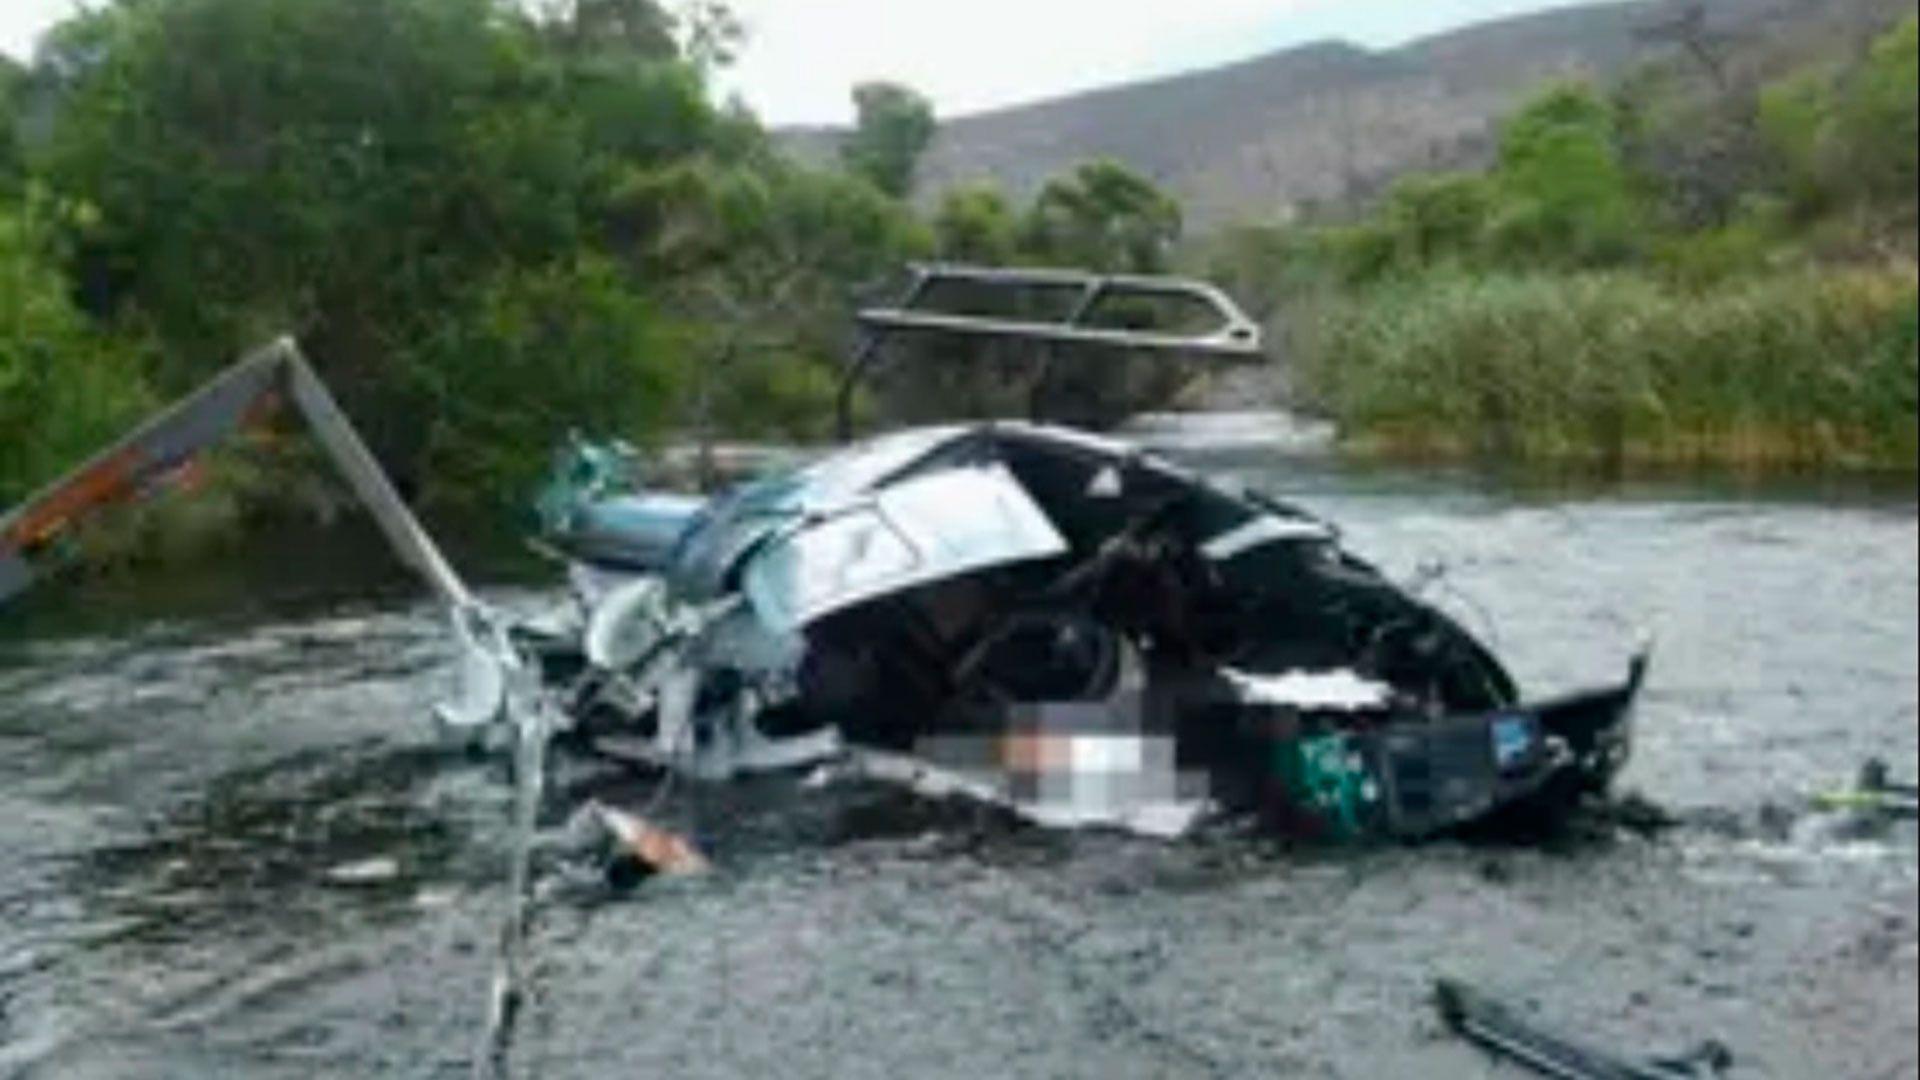 accidente-jorge-brito helicoptero salta rescate